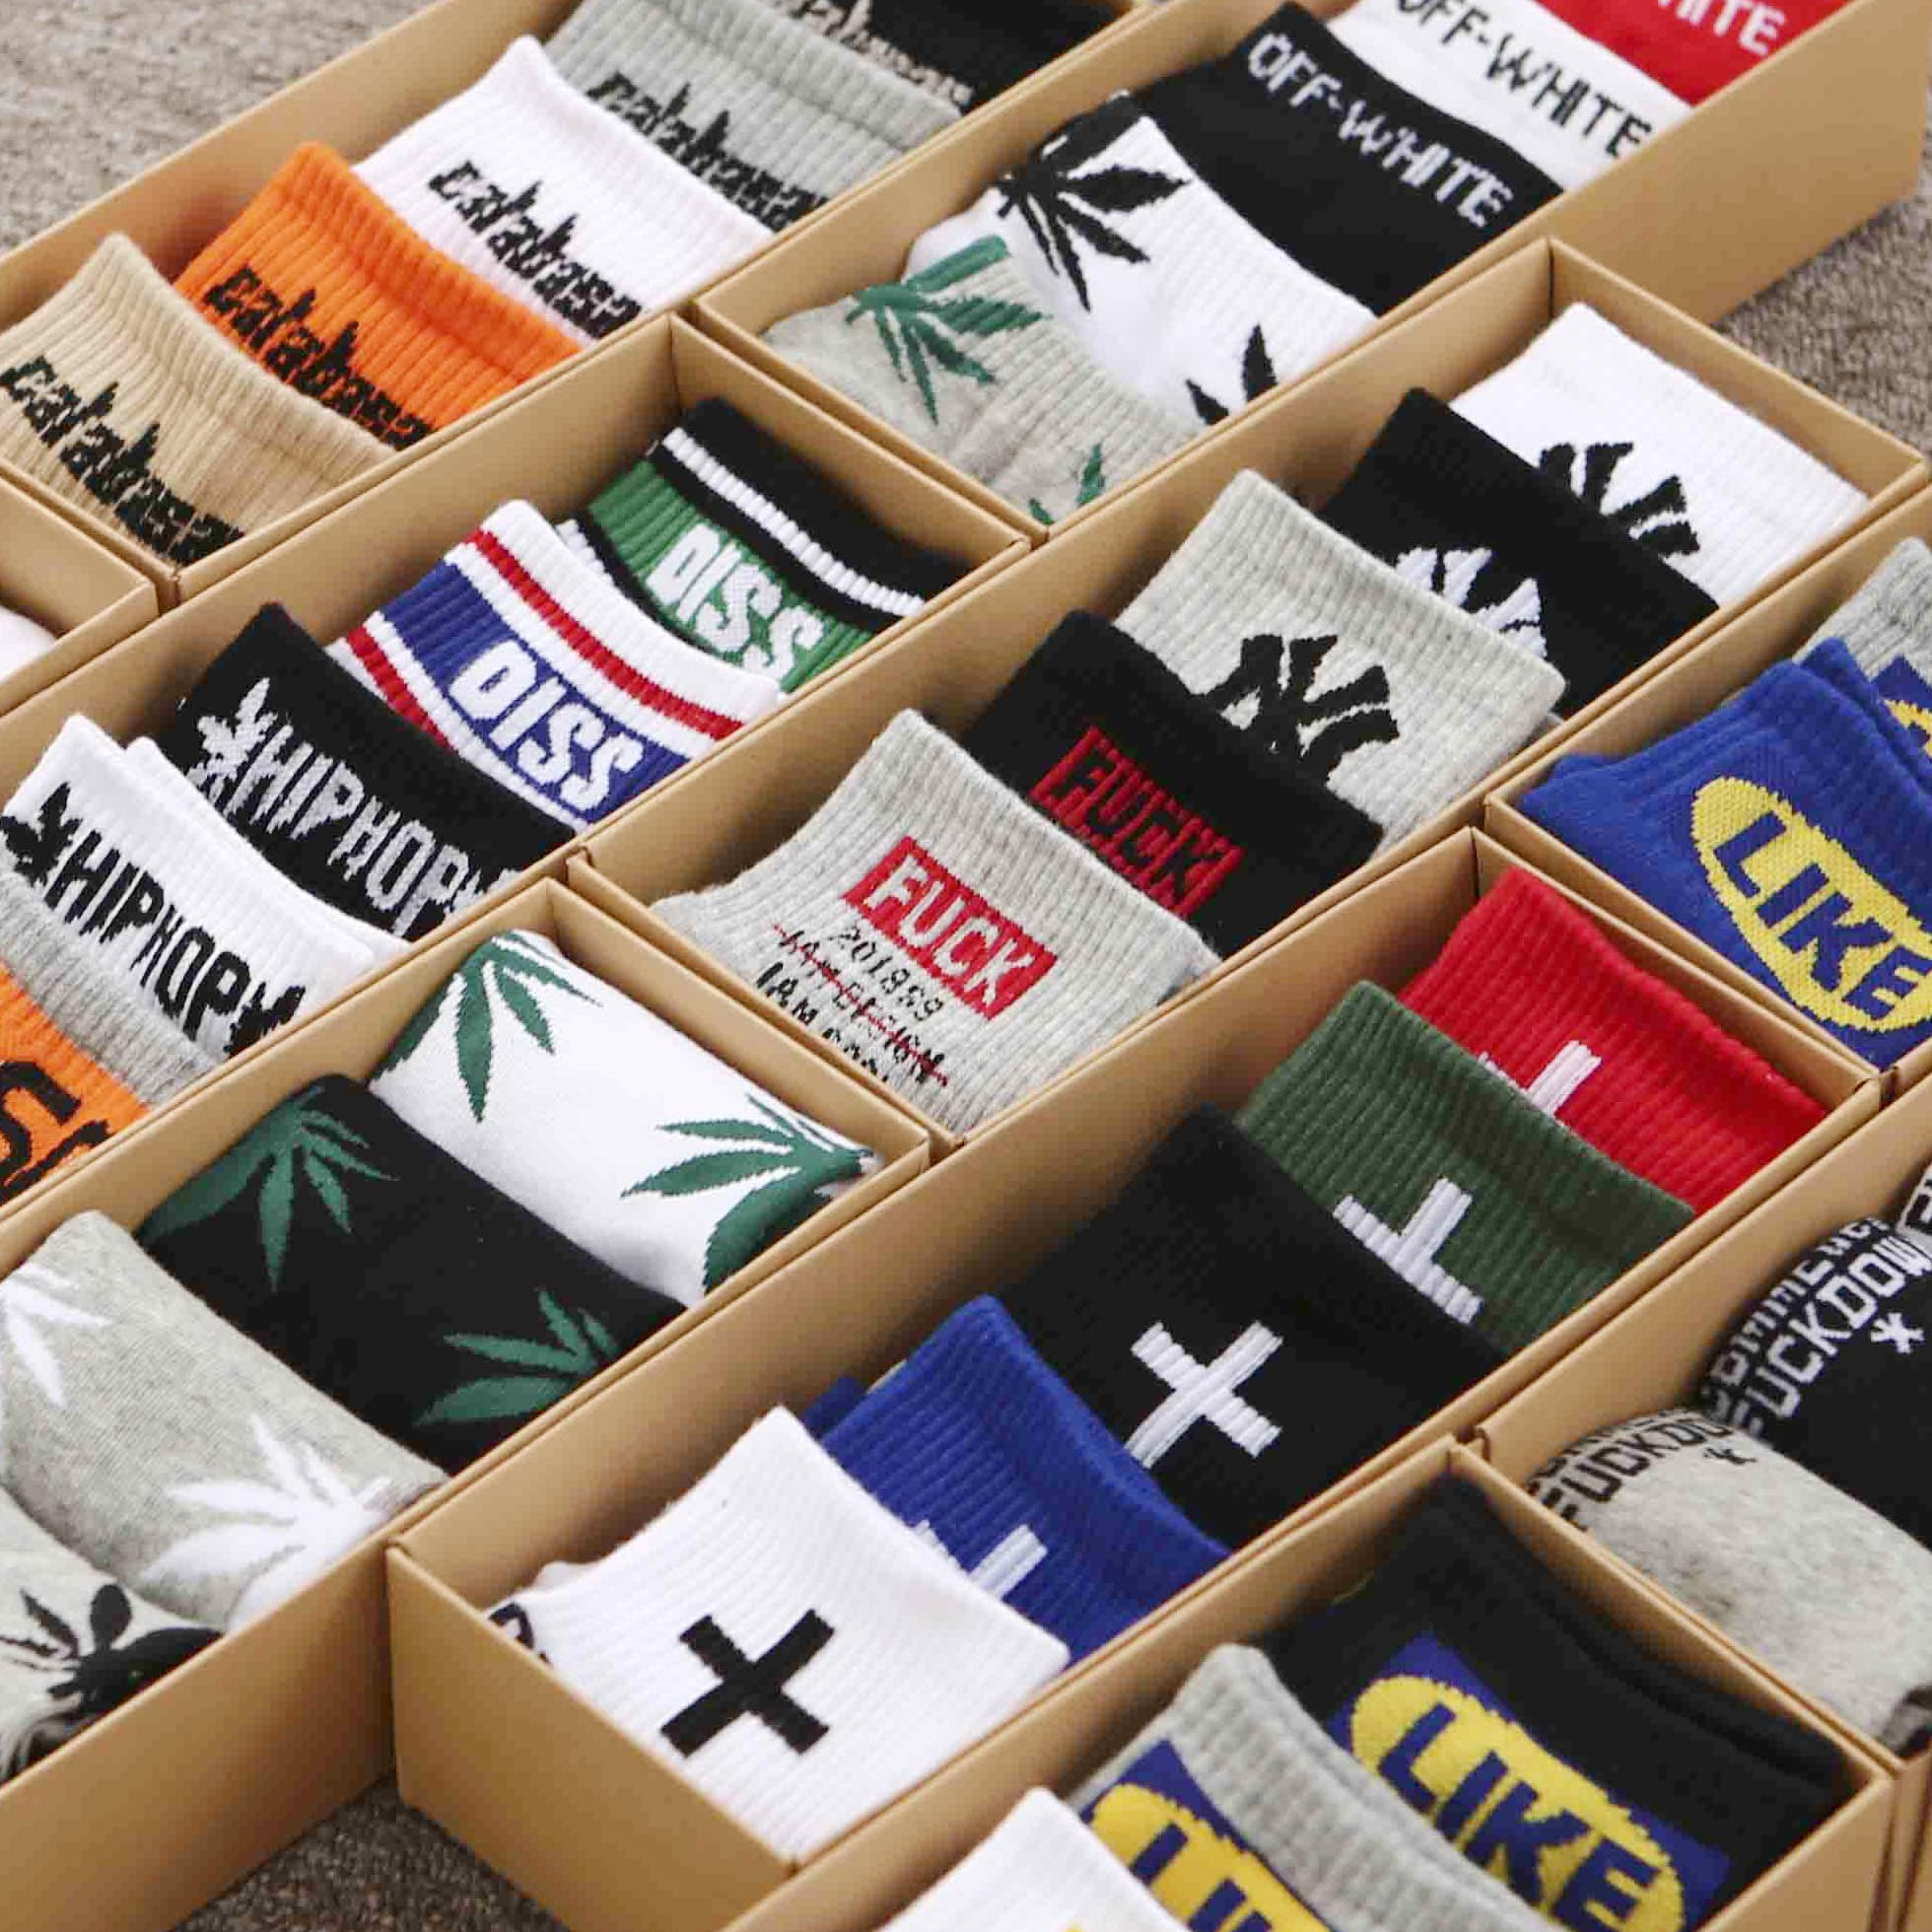 5双礼盒装袜子男街头潮流百搭春夏薄款船袜欧美嘻哈枫叶潮牌短袜热销29件不包邮